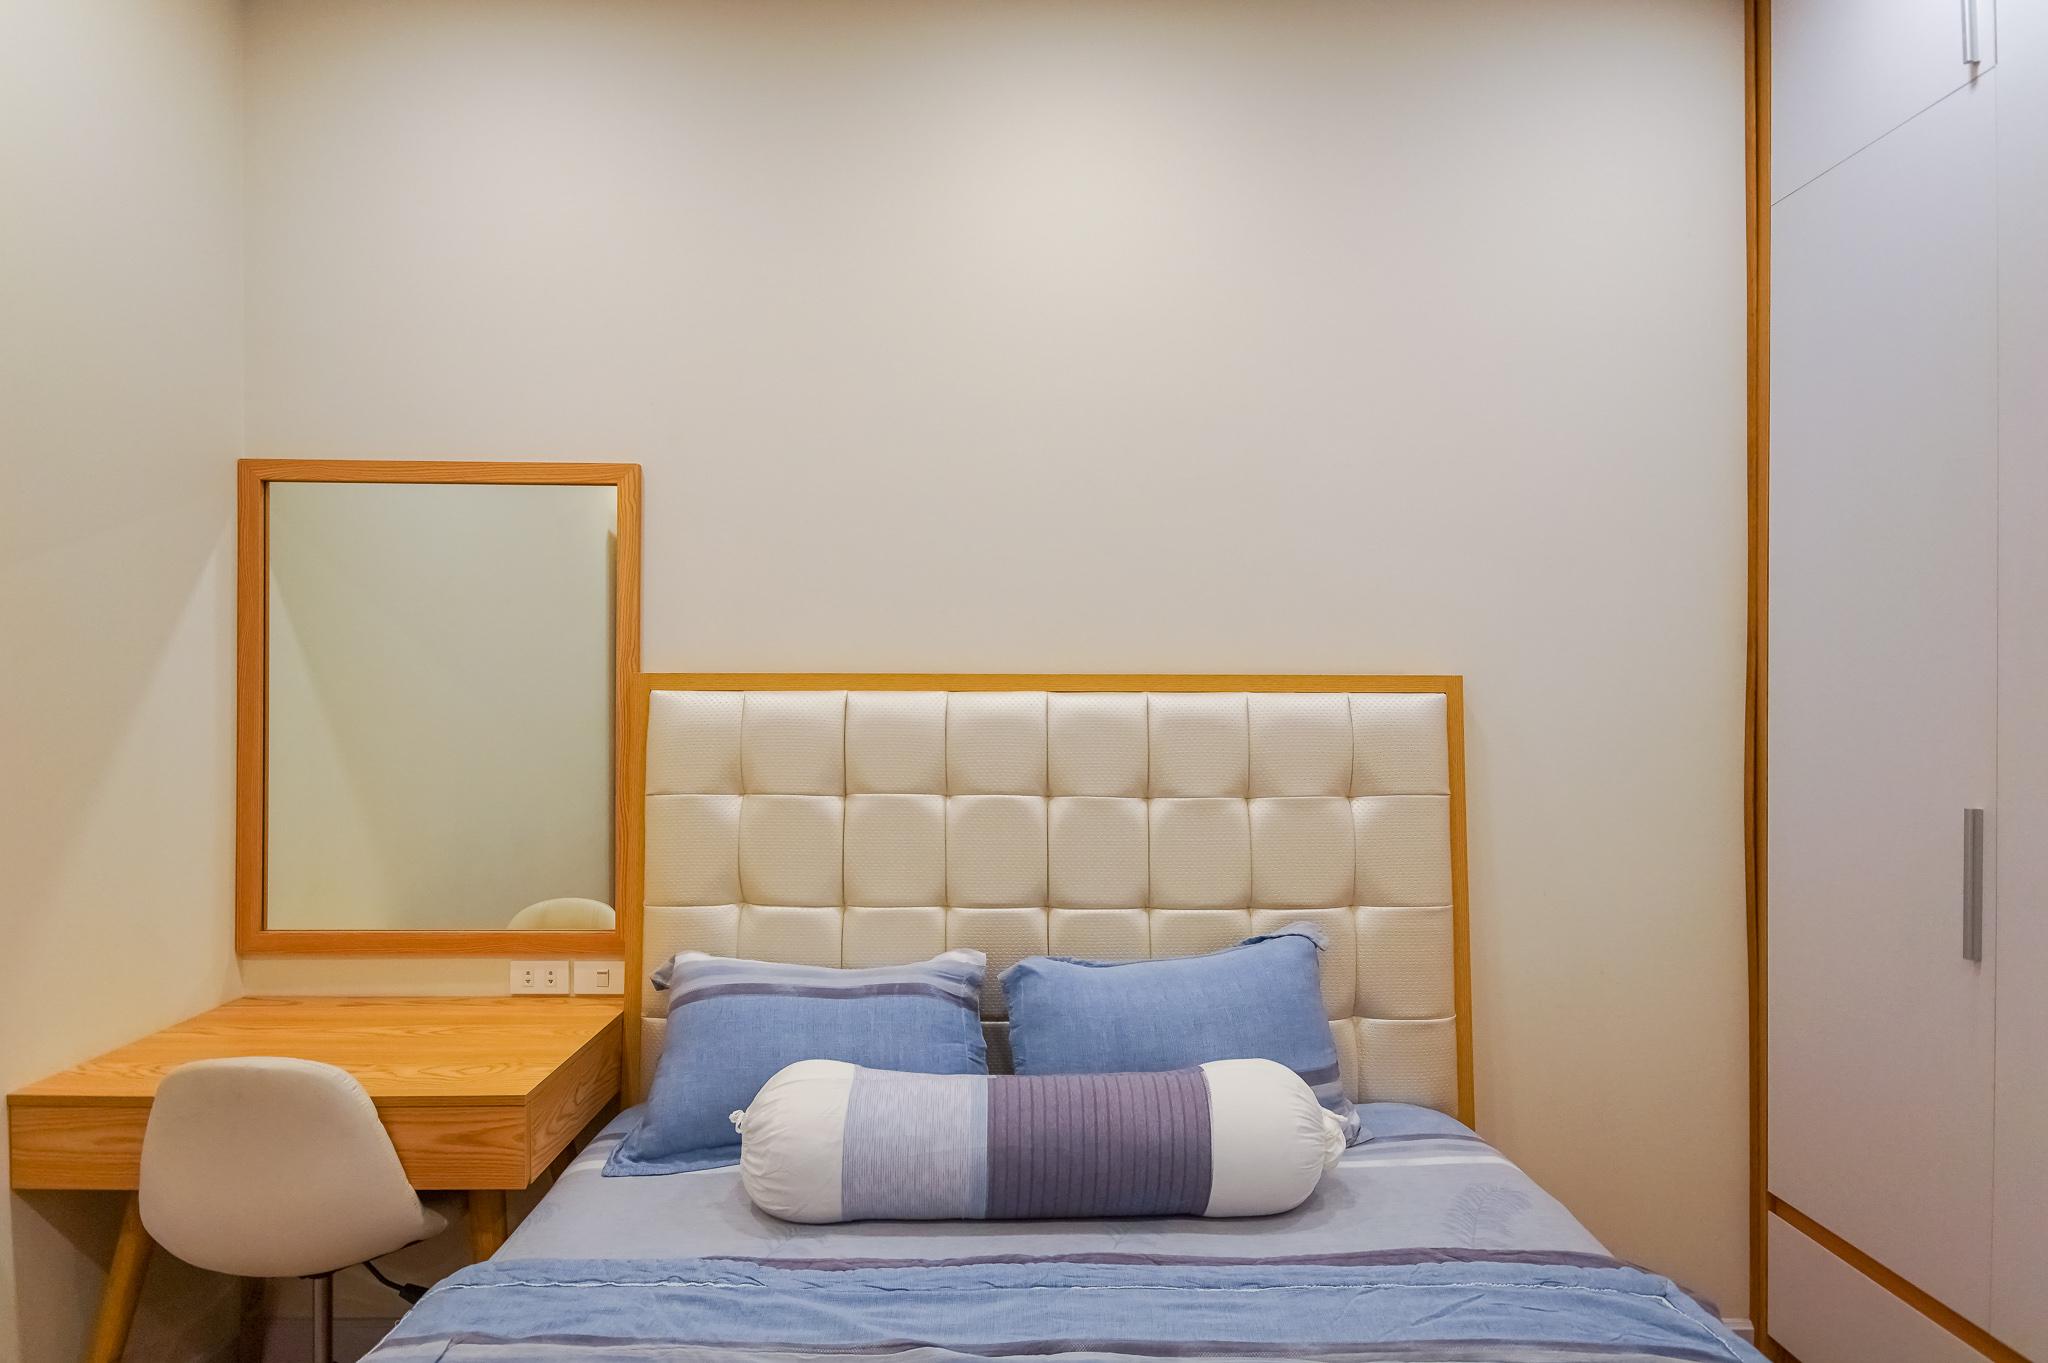 Cho Thuê Căn Hộ Dịch Vụ 1 Phòng Ngủ Đầy Đủ Nội Thất & Tươi Sáng-16